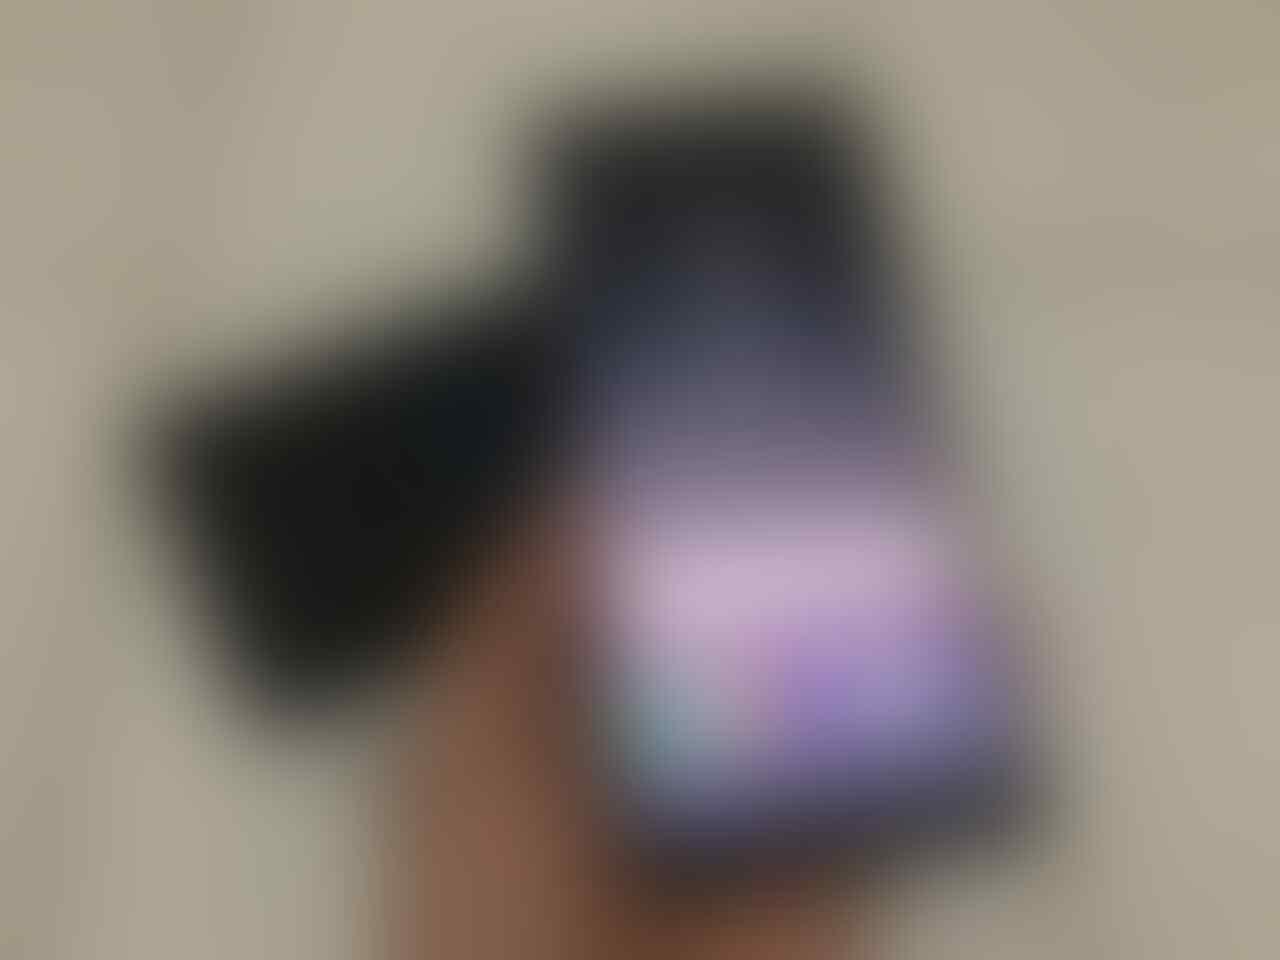 SAMSUNG NOTE 8 BLACK SEIN FULLSET GARANSI SEPT'2018 MULUS MURAAHH 9350 SAJA [MALANG]